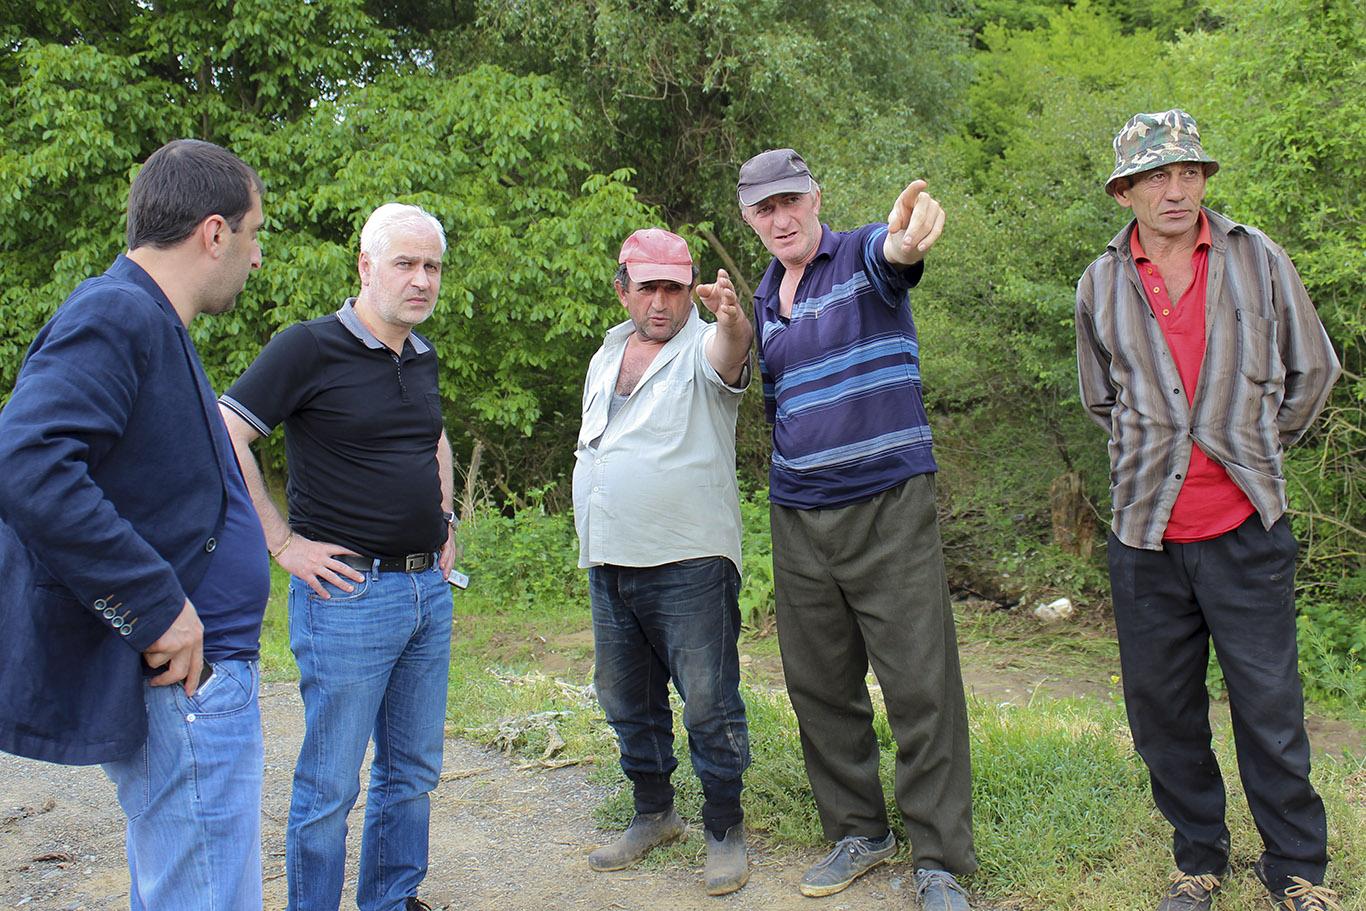 ზურაბ რუსიშვილმა სტიქიით დაზარალებული სოფლები მოინახულა